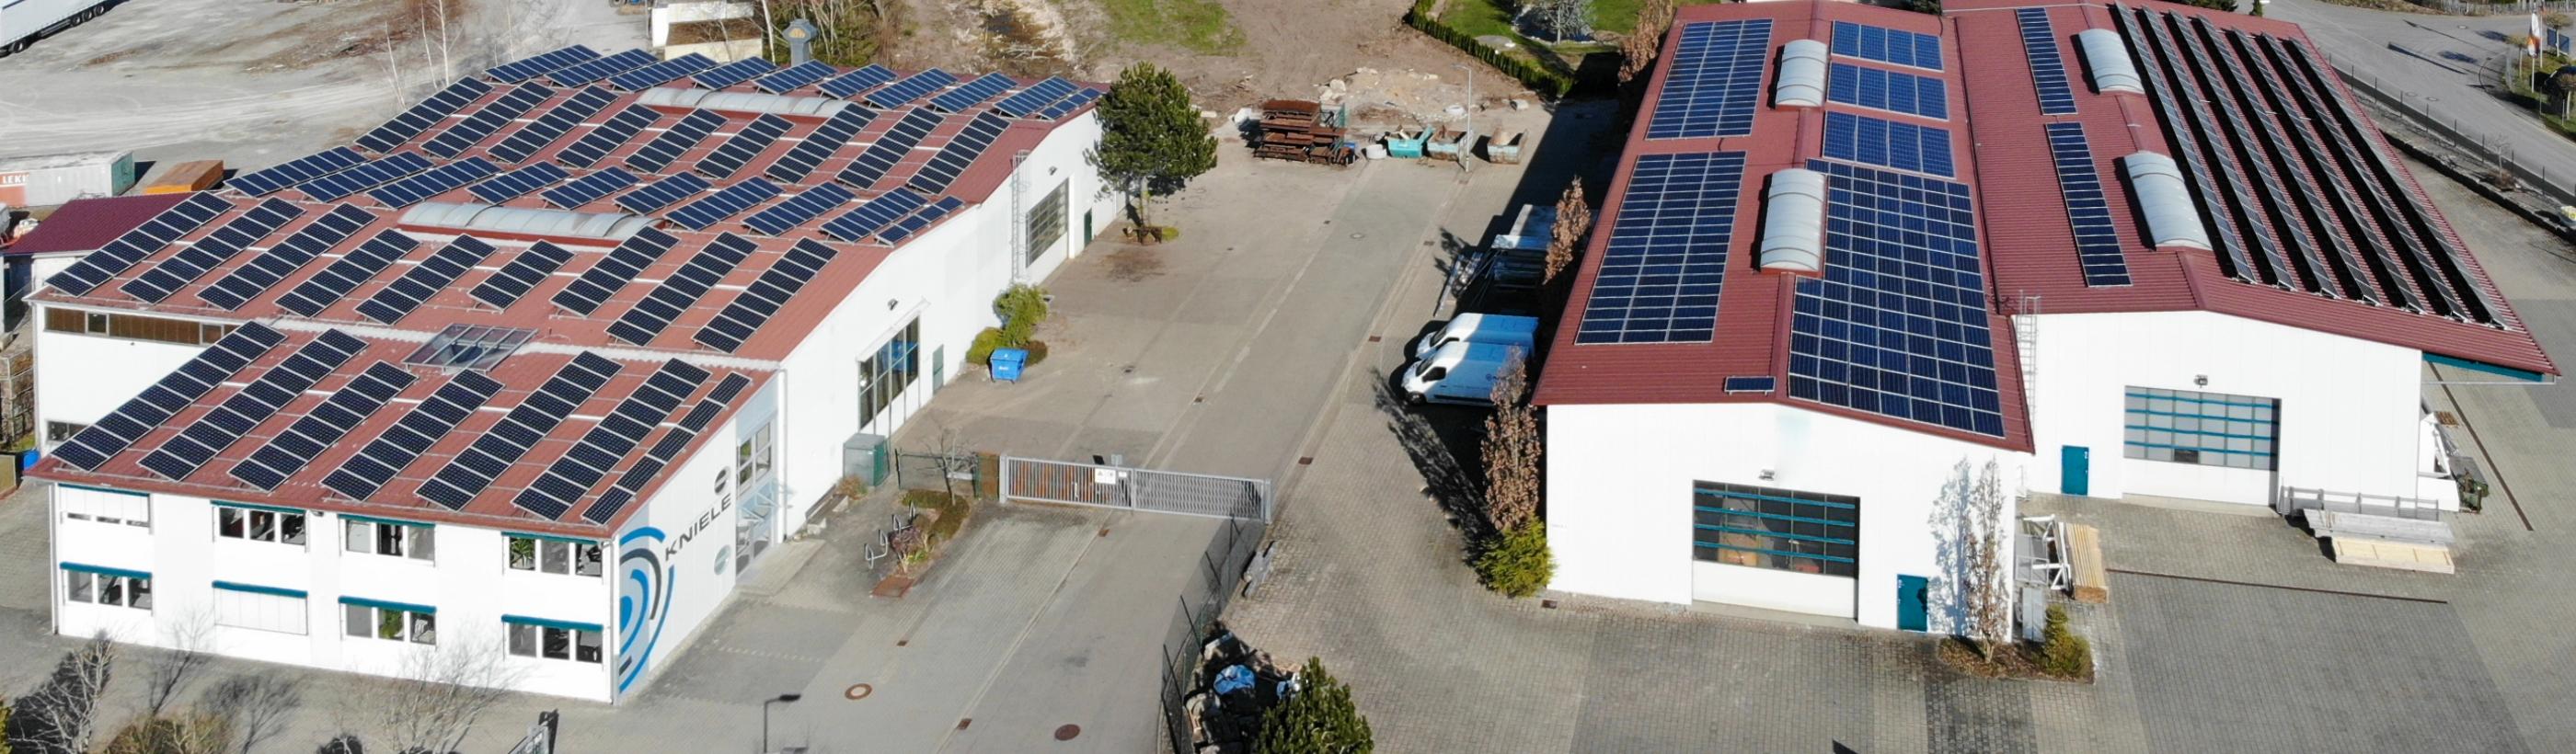 Vue d'ensemble des halls de production de Kniele avec un système photovoltaïque sur le toit, logo Kniele sur le bâtiment administratif.